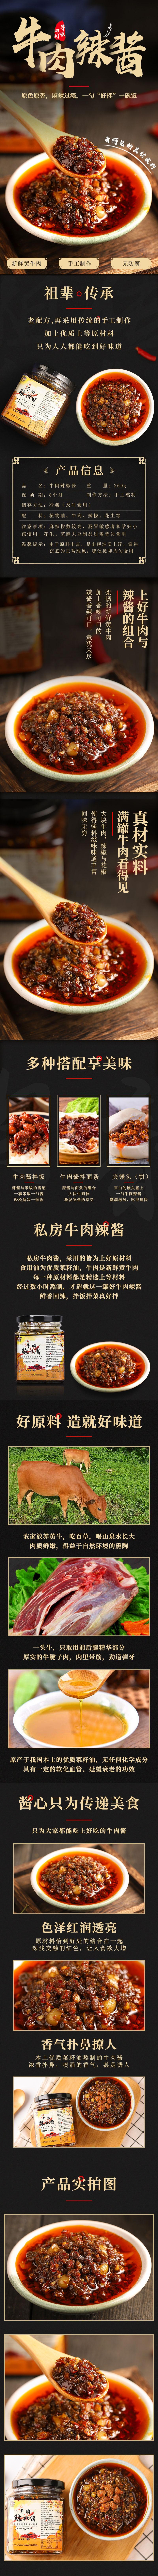 食品小吃辣椒酱烧烤熟食零食详情页